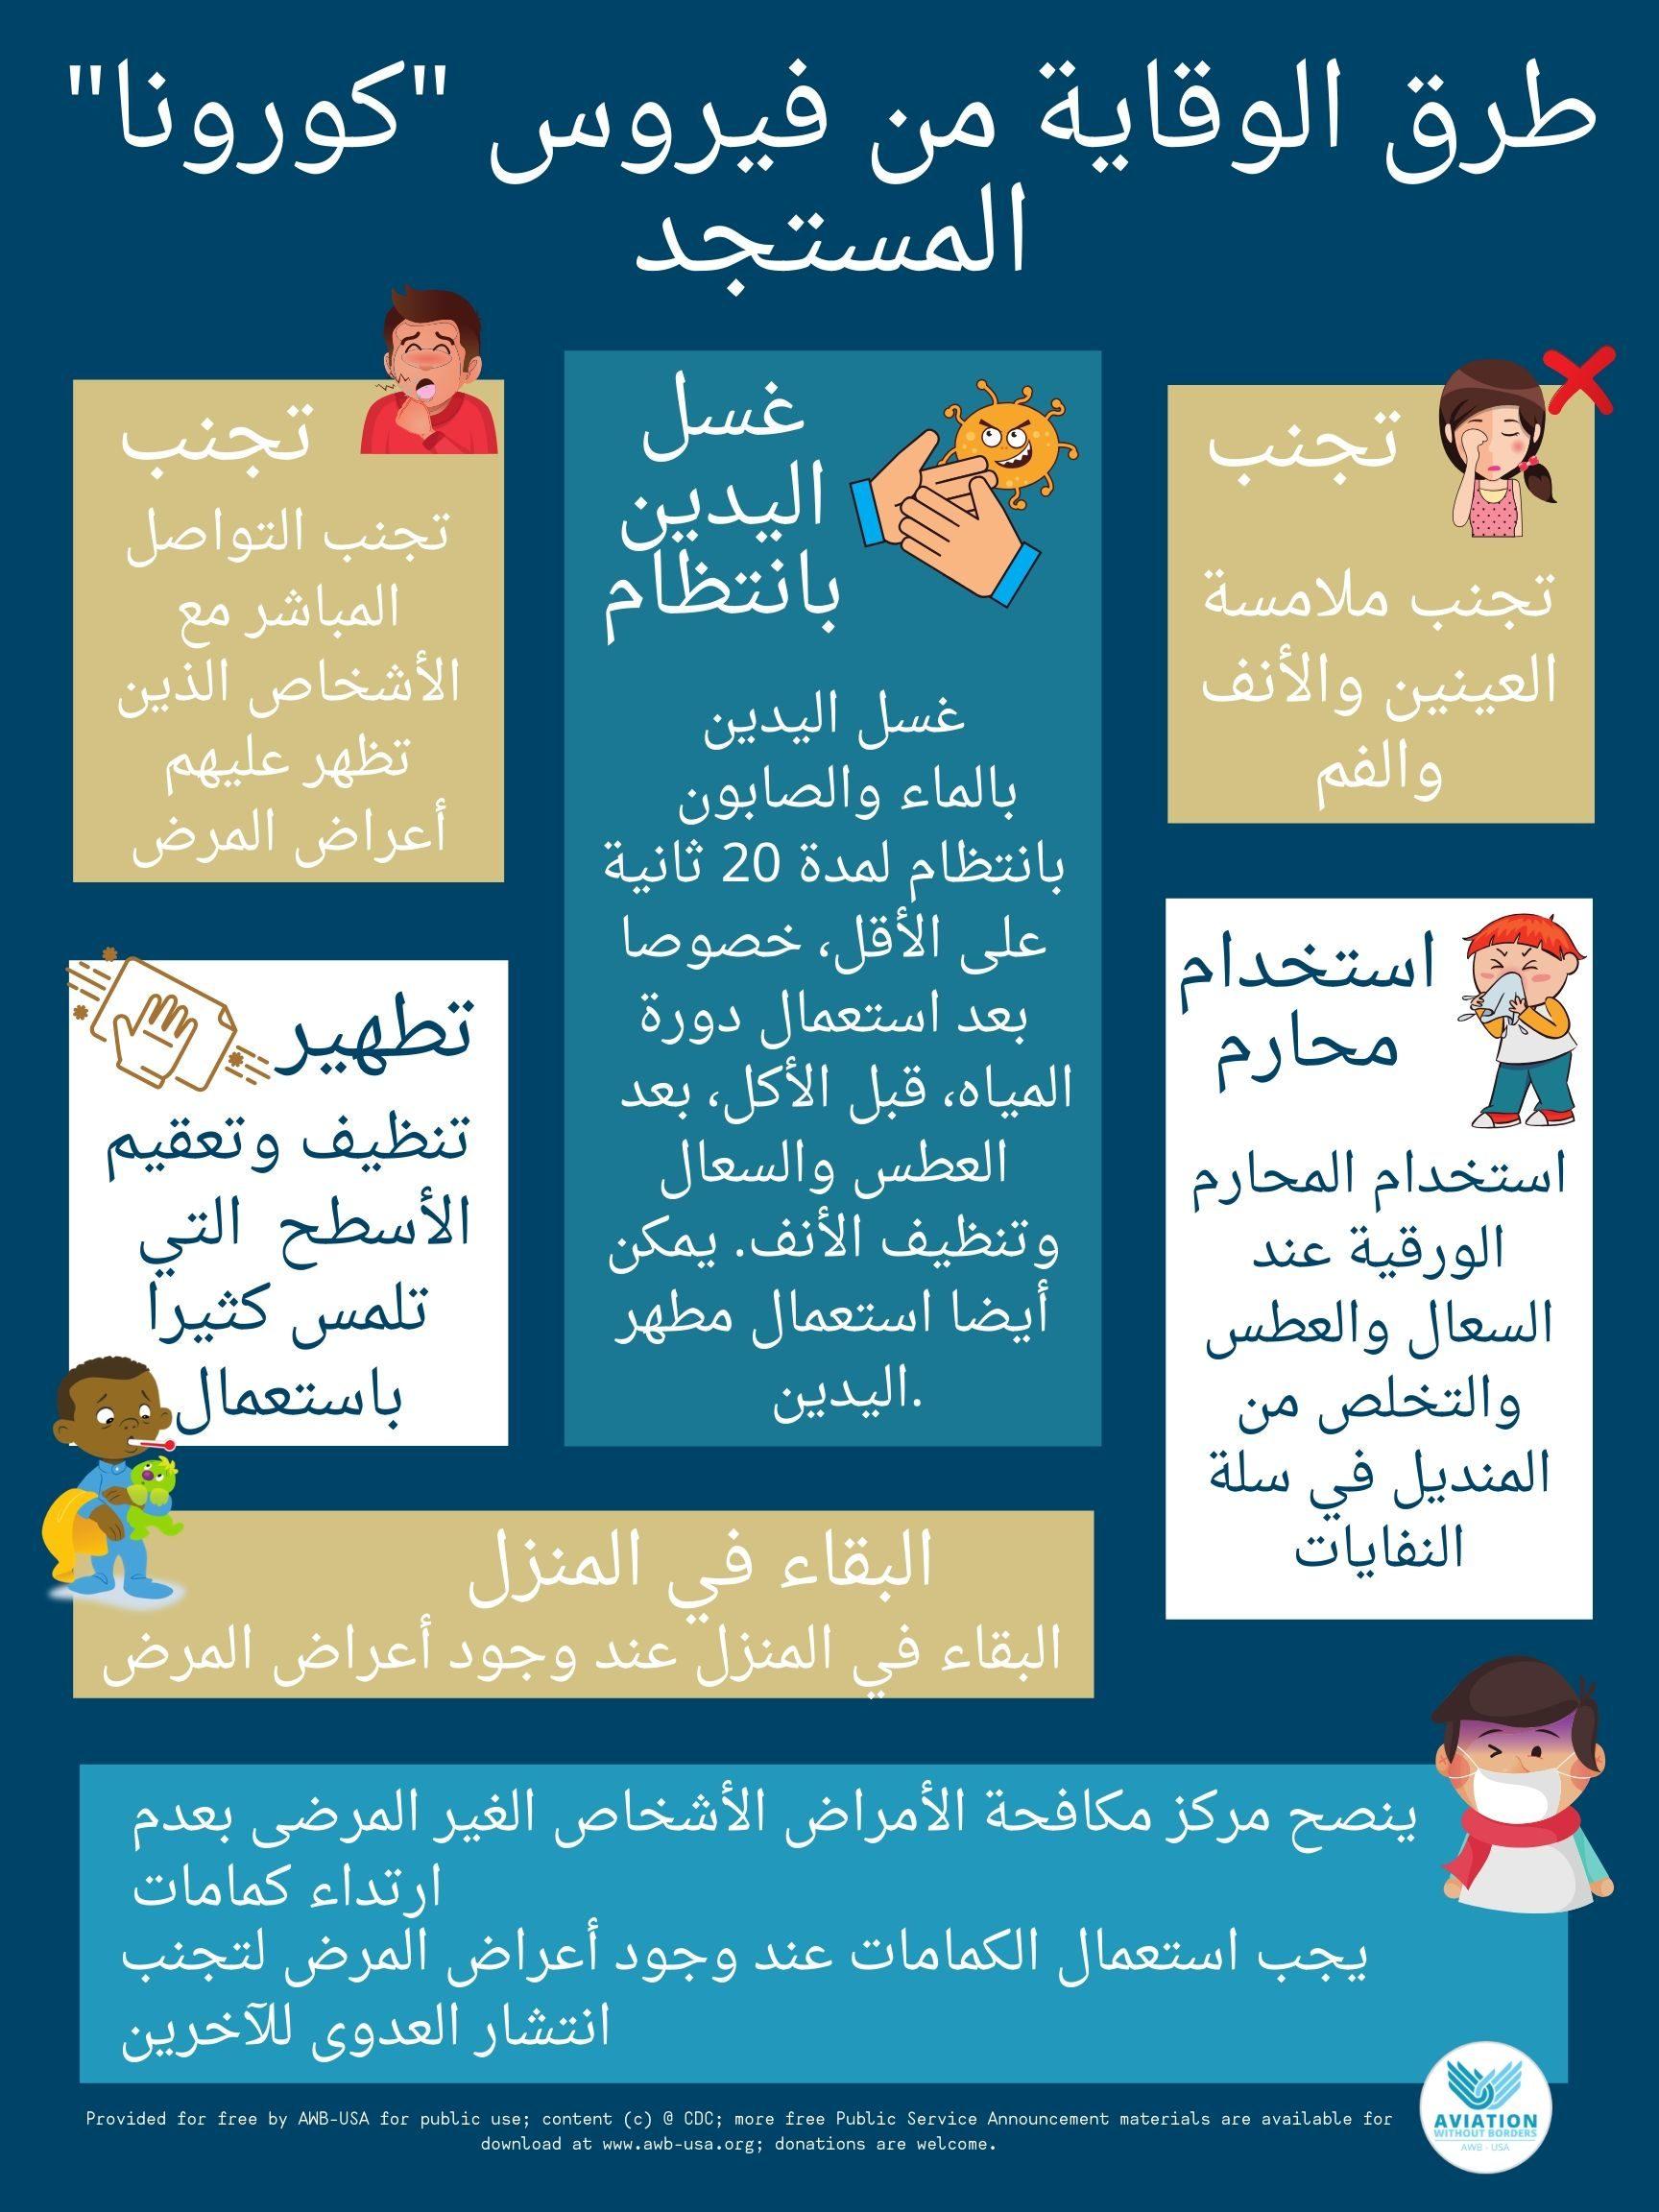 Arabic 4 AA